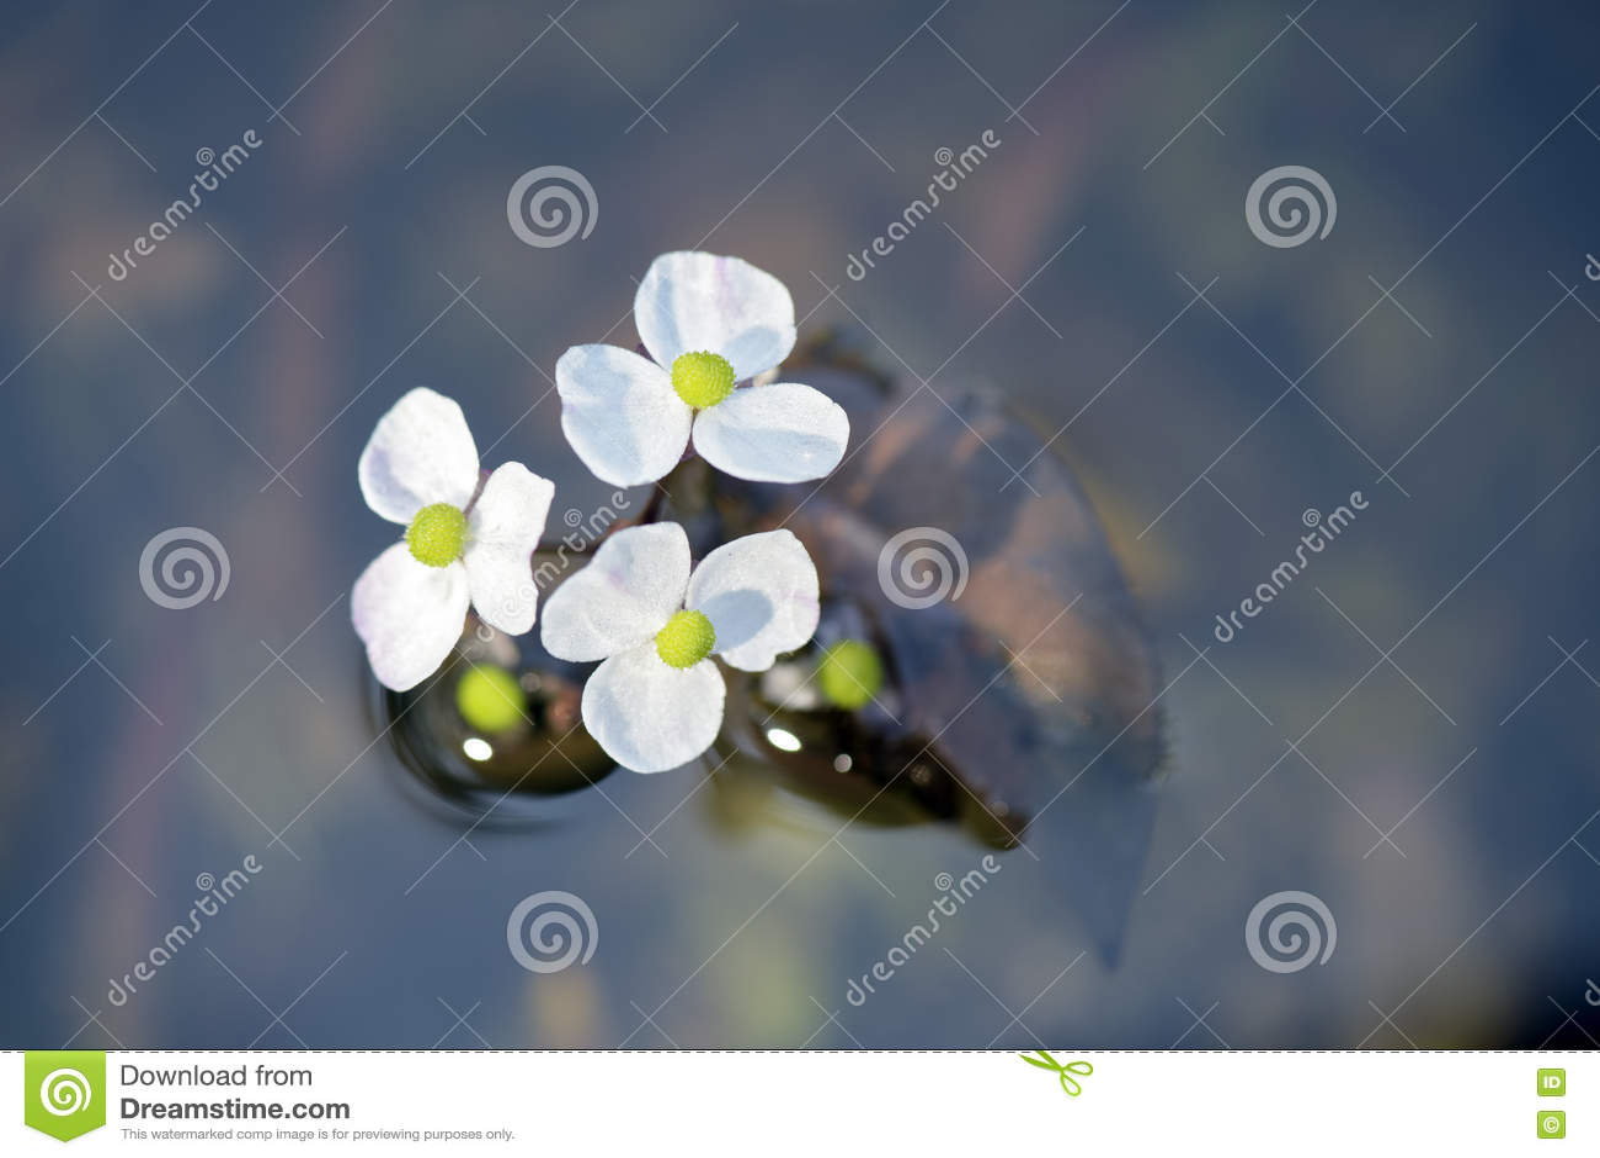 Fleur Blanche De Plante Aquatique Sur Le Lac Bleu Opaque Image Stock